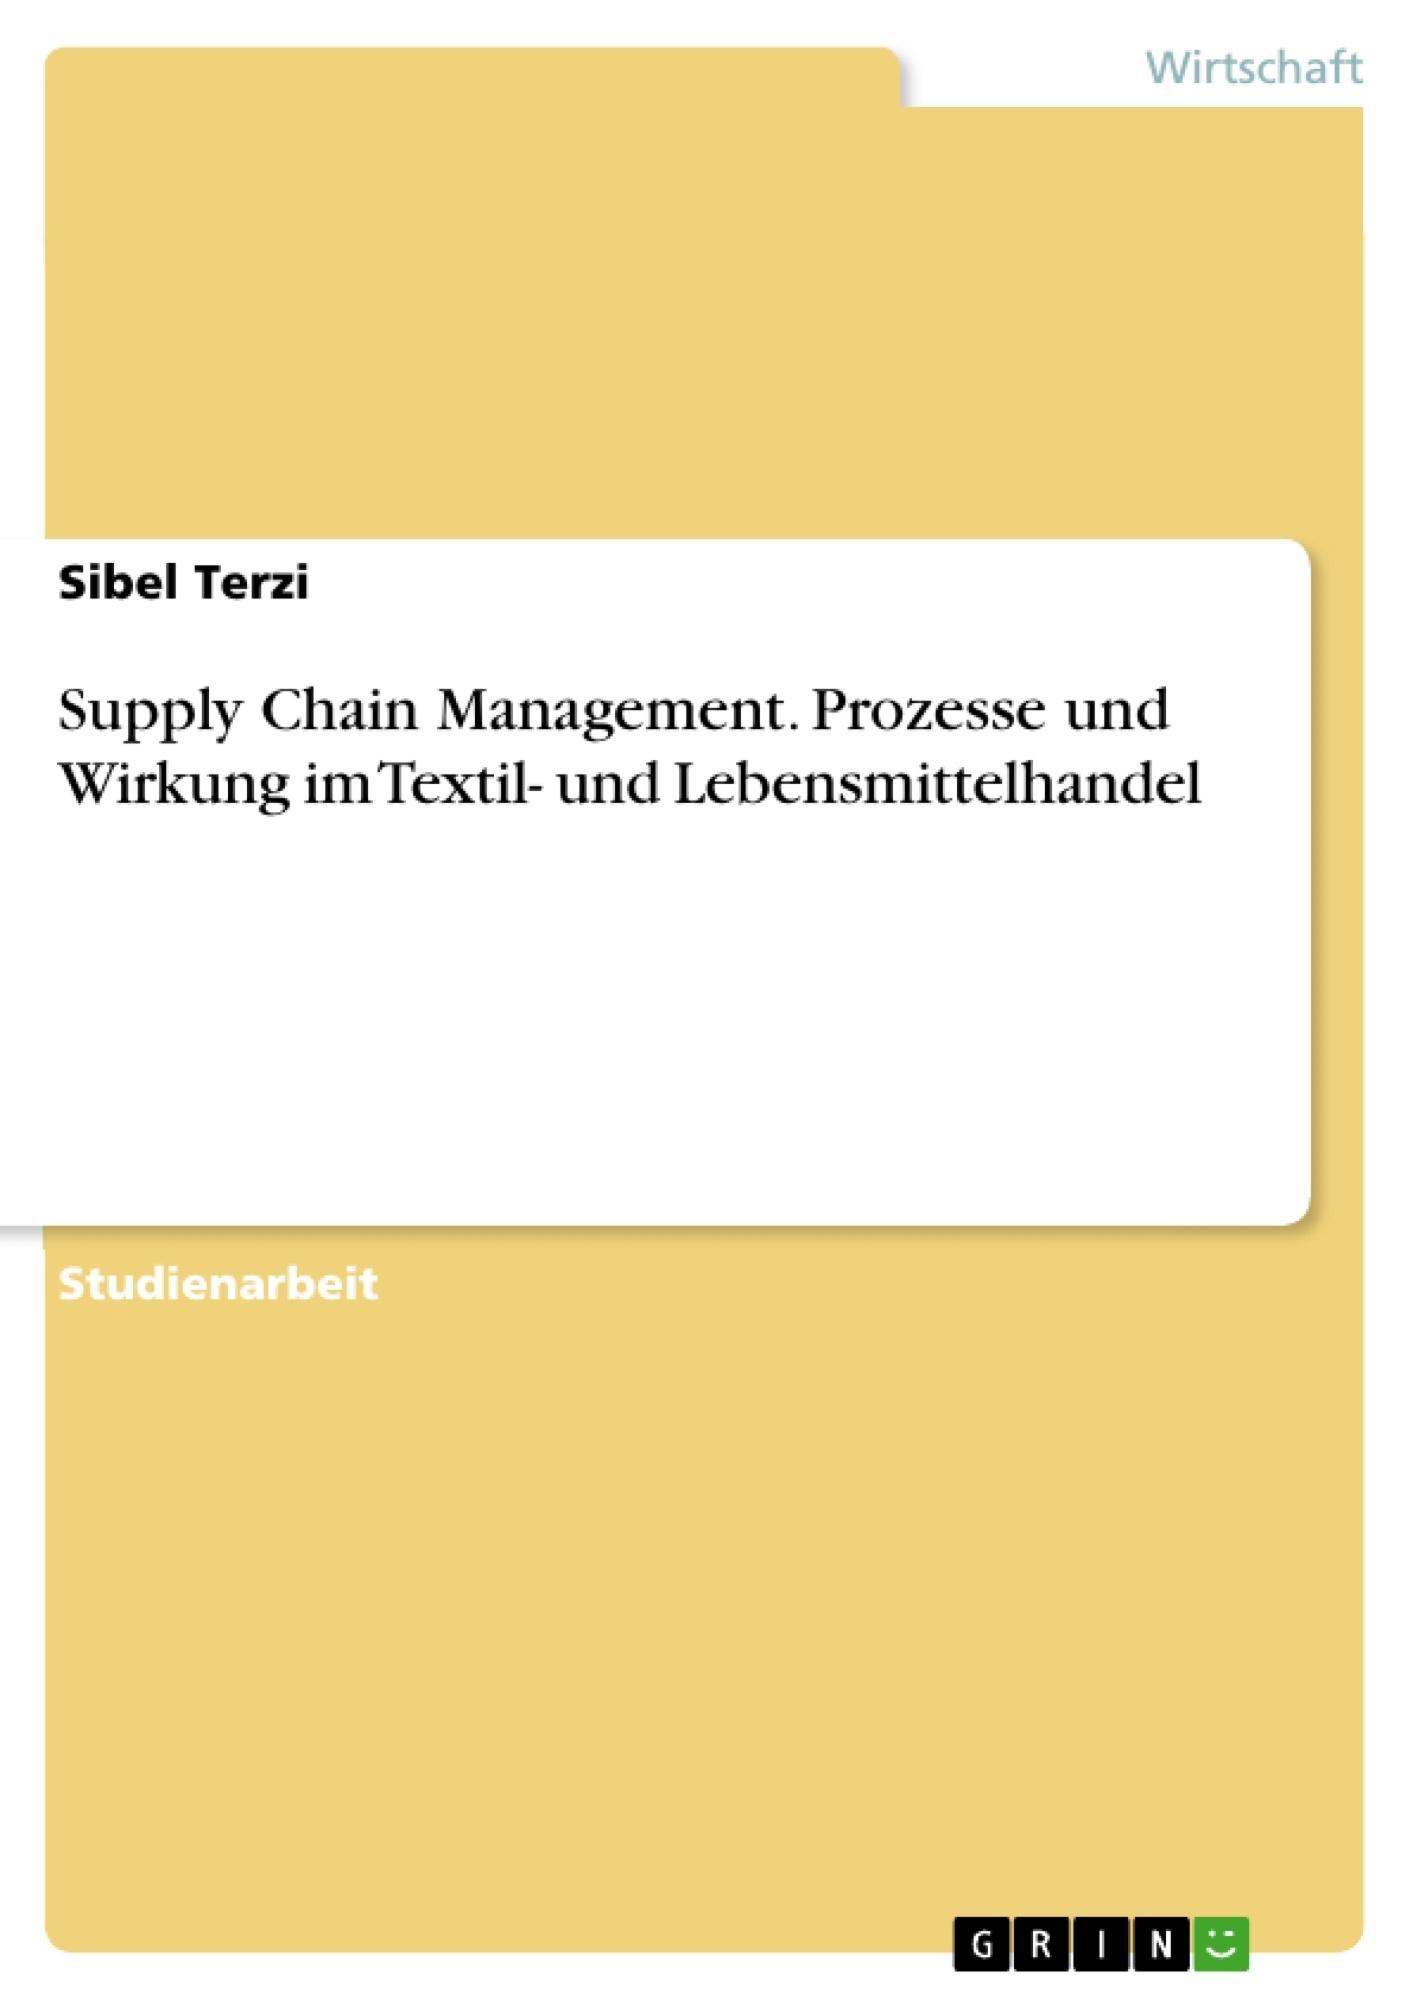 Titel: Supply Chain Management. Prozesse und Wirkung im Textil- und Lebensmittelhandel